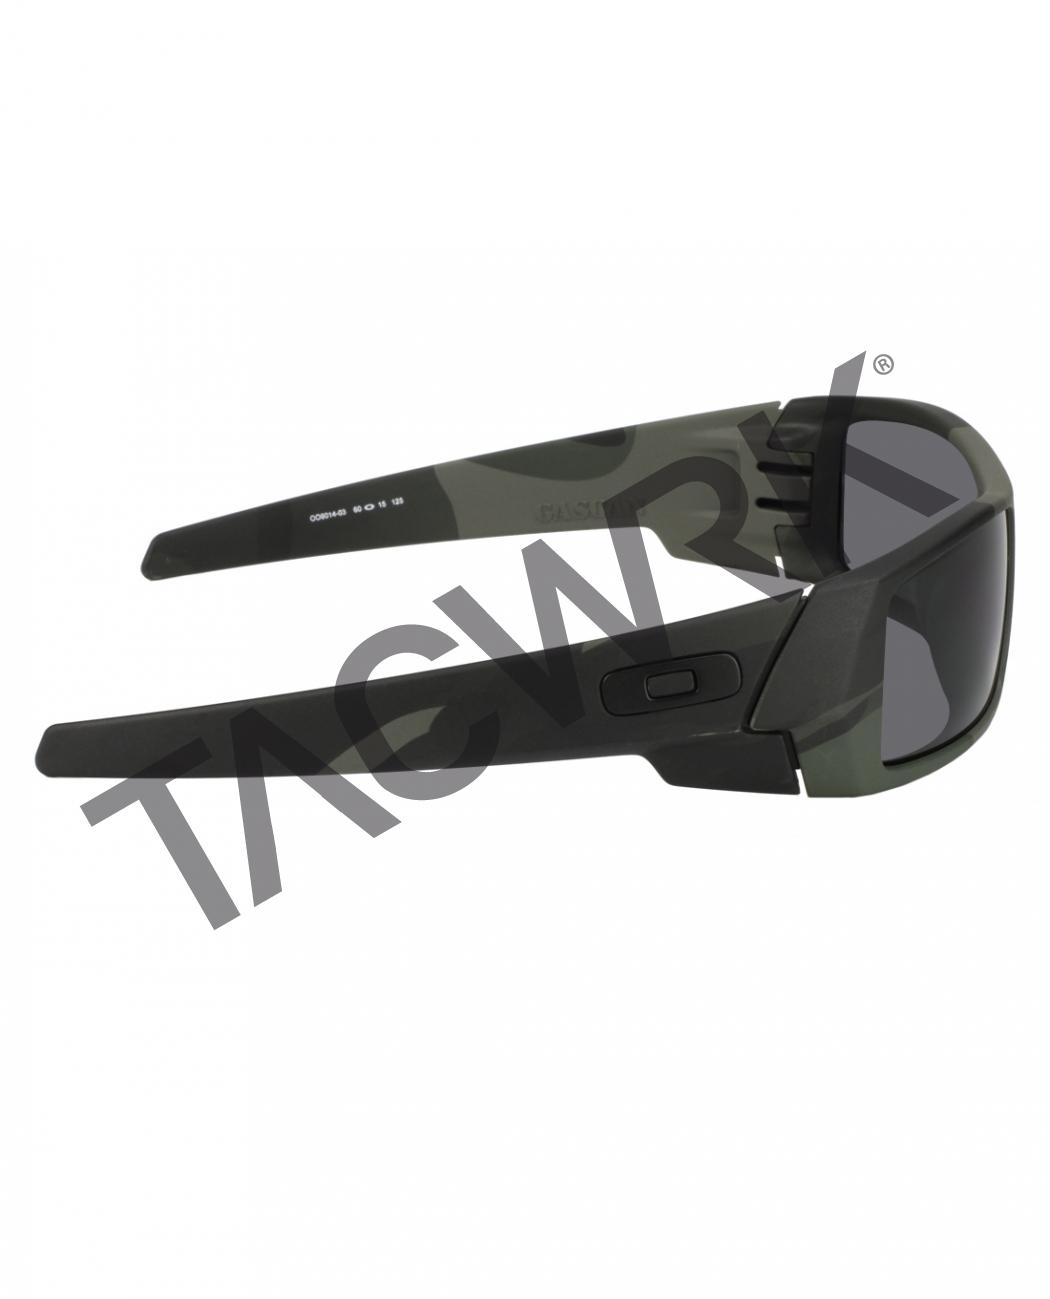 22178a7aad1 Oakley SI Gascan Multicam Black Grey Polarized - TACWRK